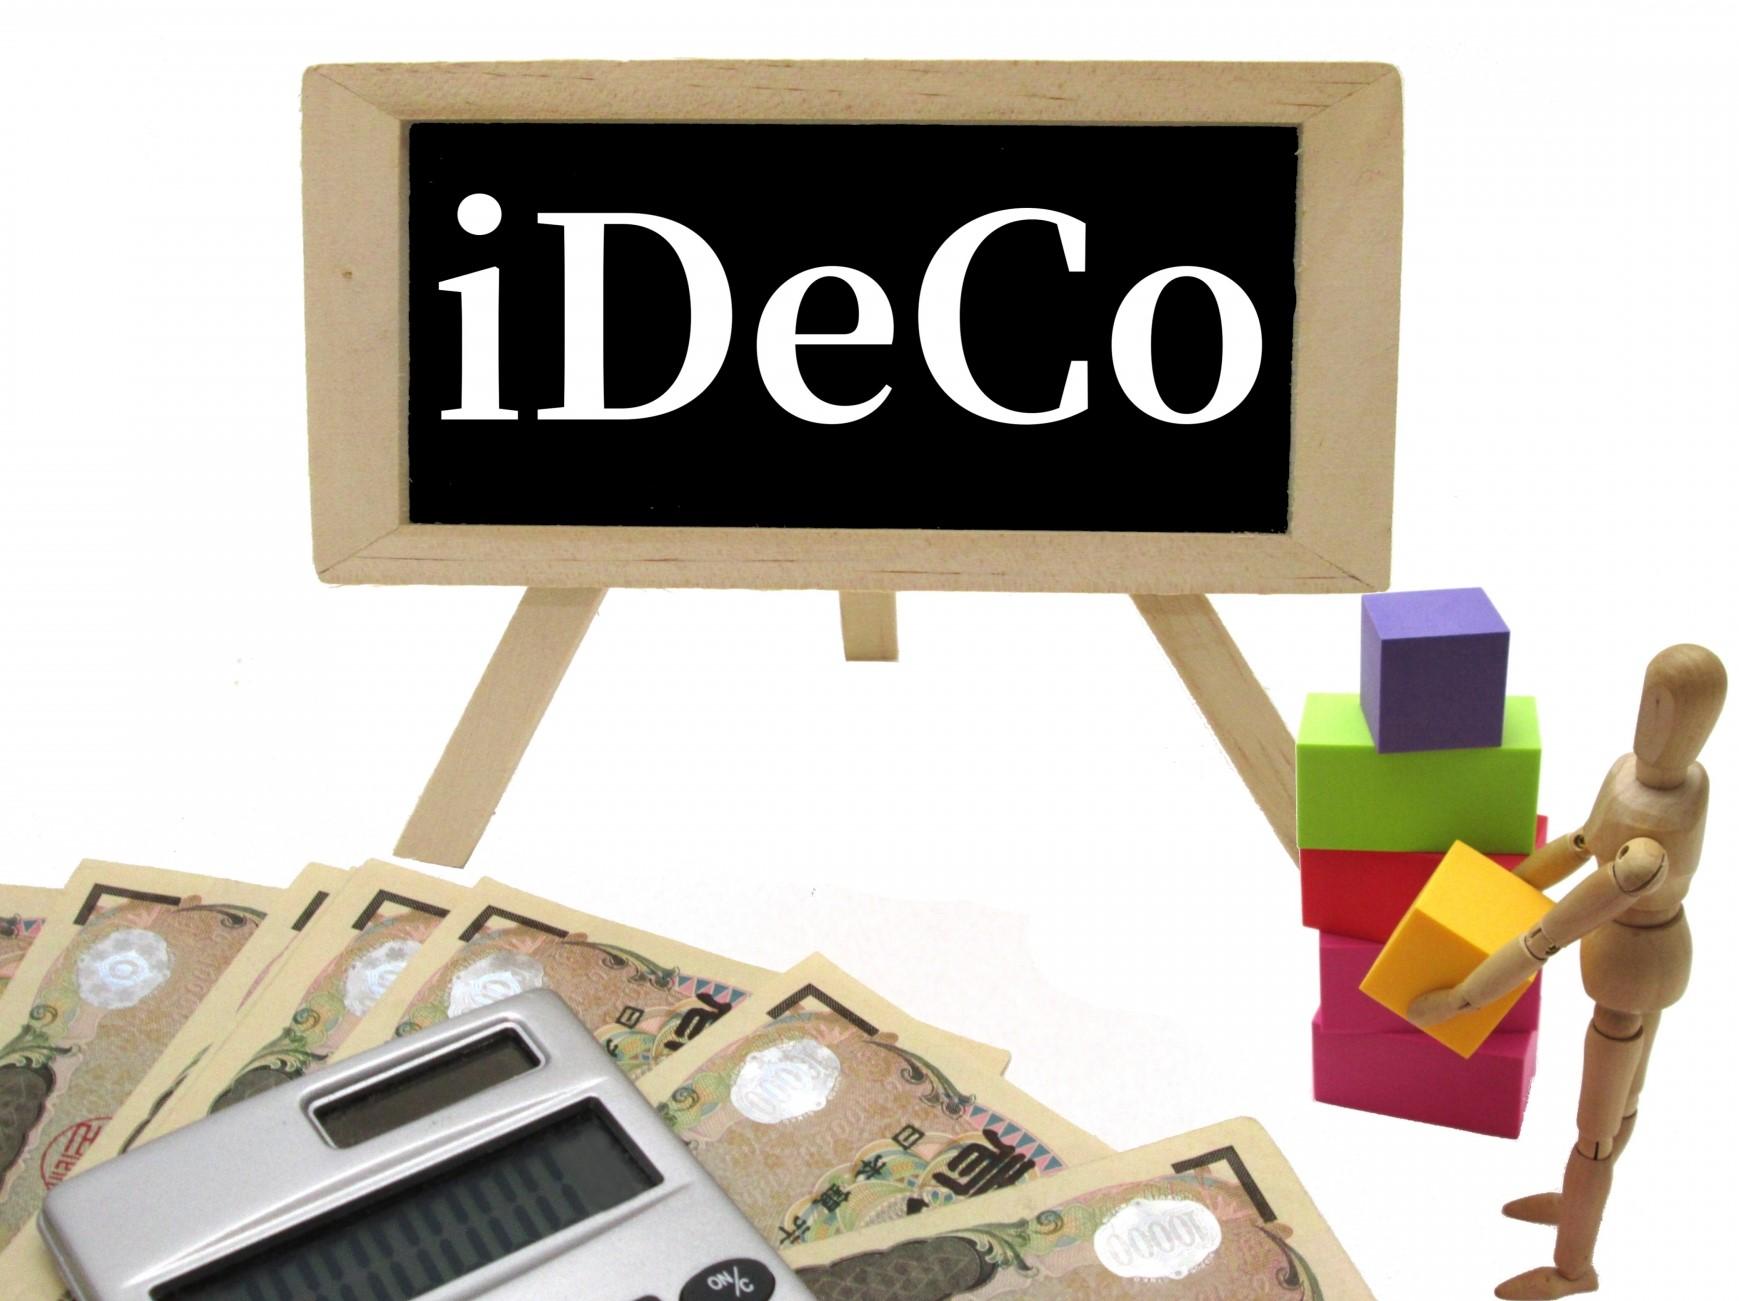 老後の知識シリーズ・2「iDeCOで定期預金を選んではダメ!」